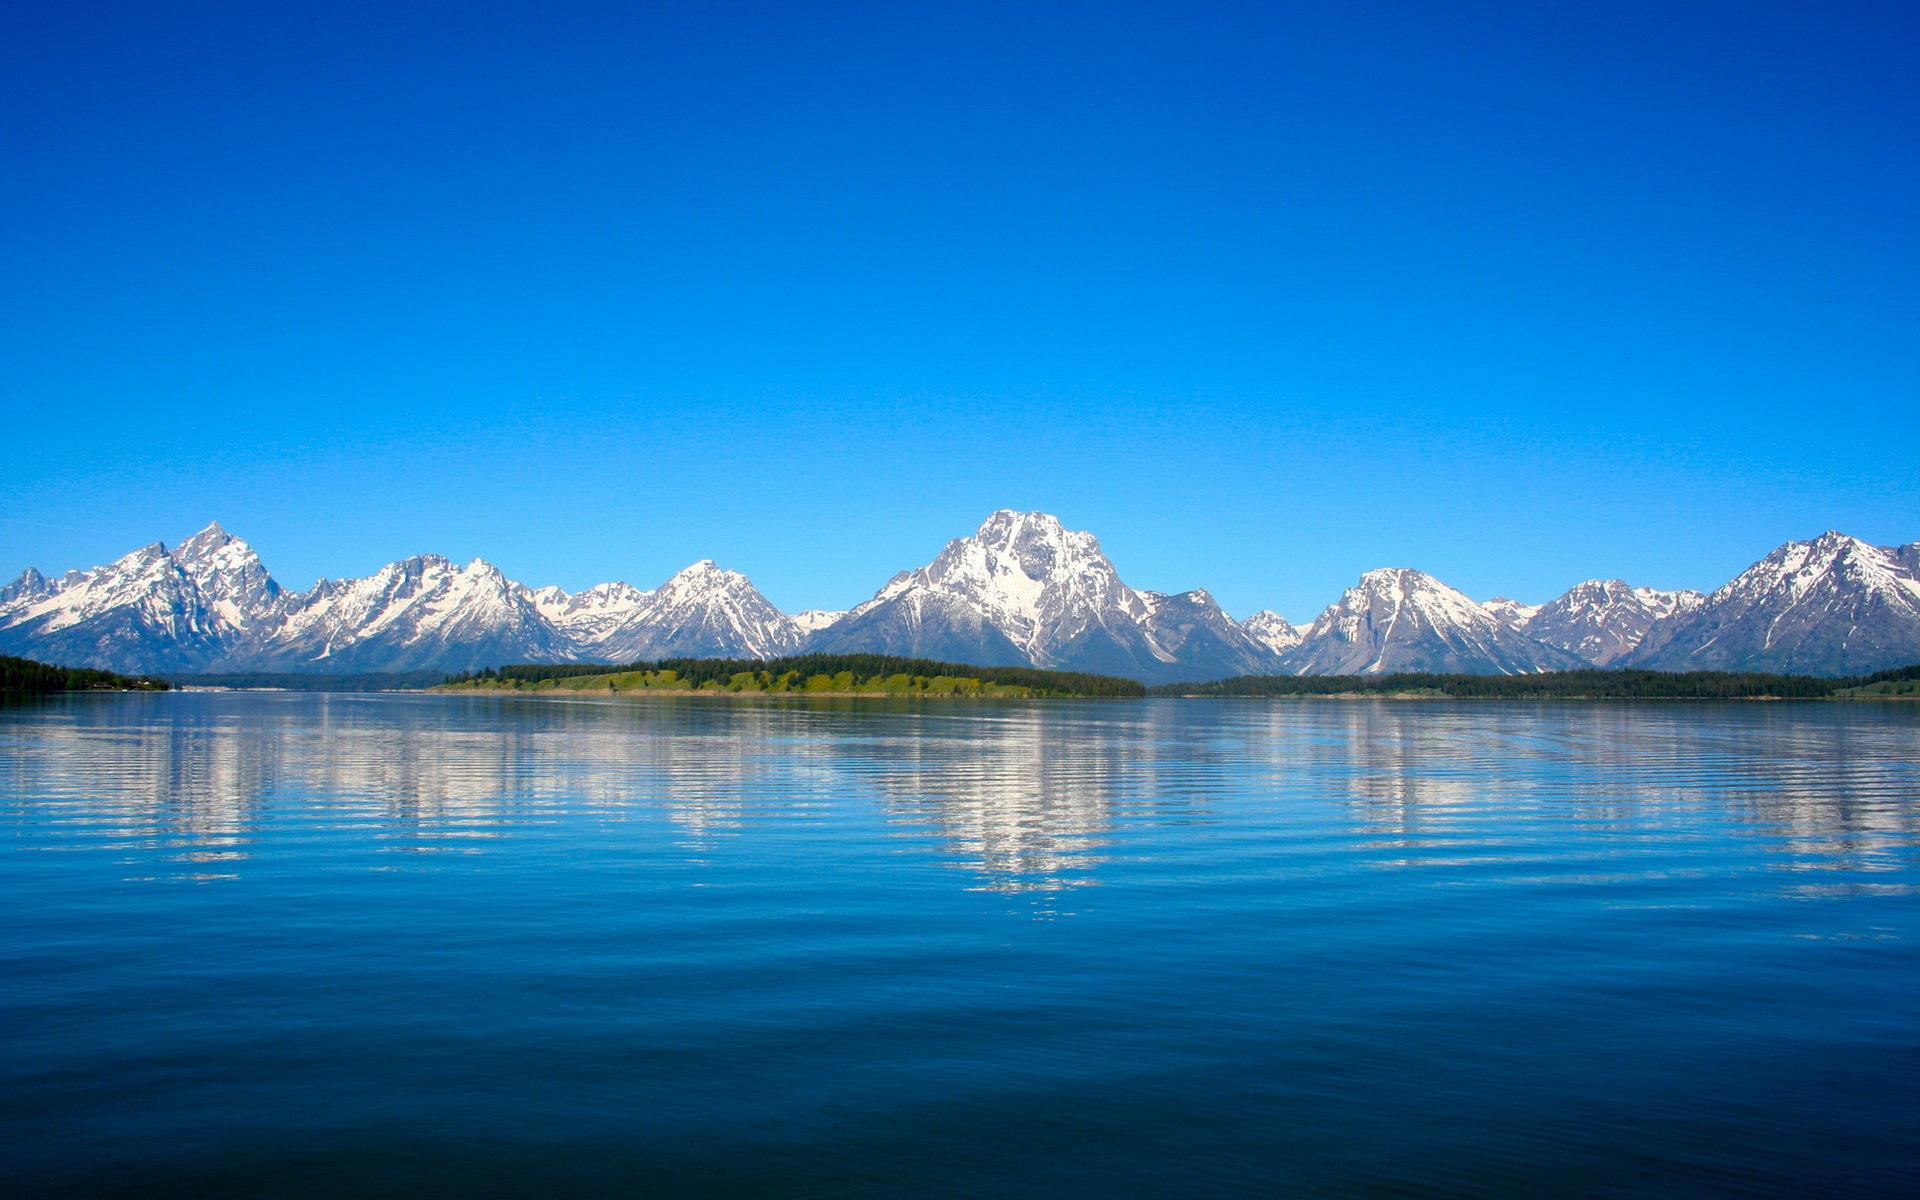 自然山水风景高清壁纸 大自然山水风景win7高清电脑主题壁纸